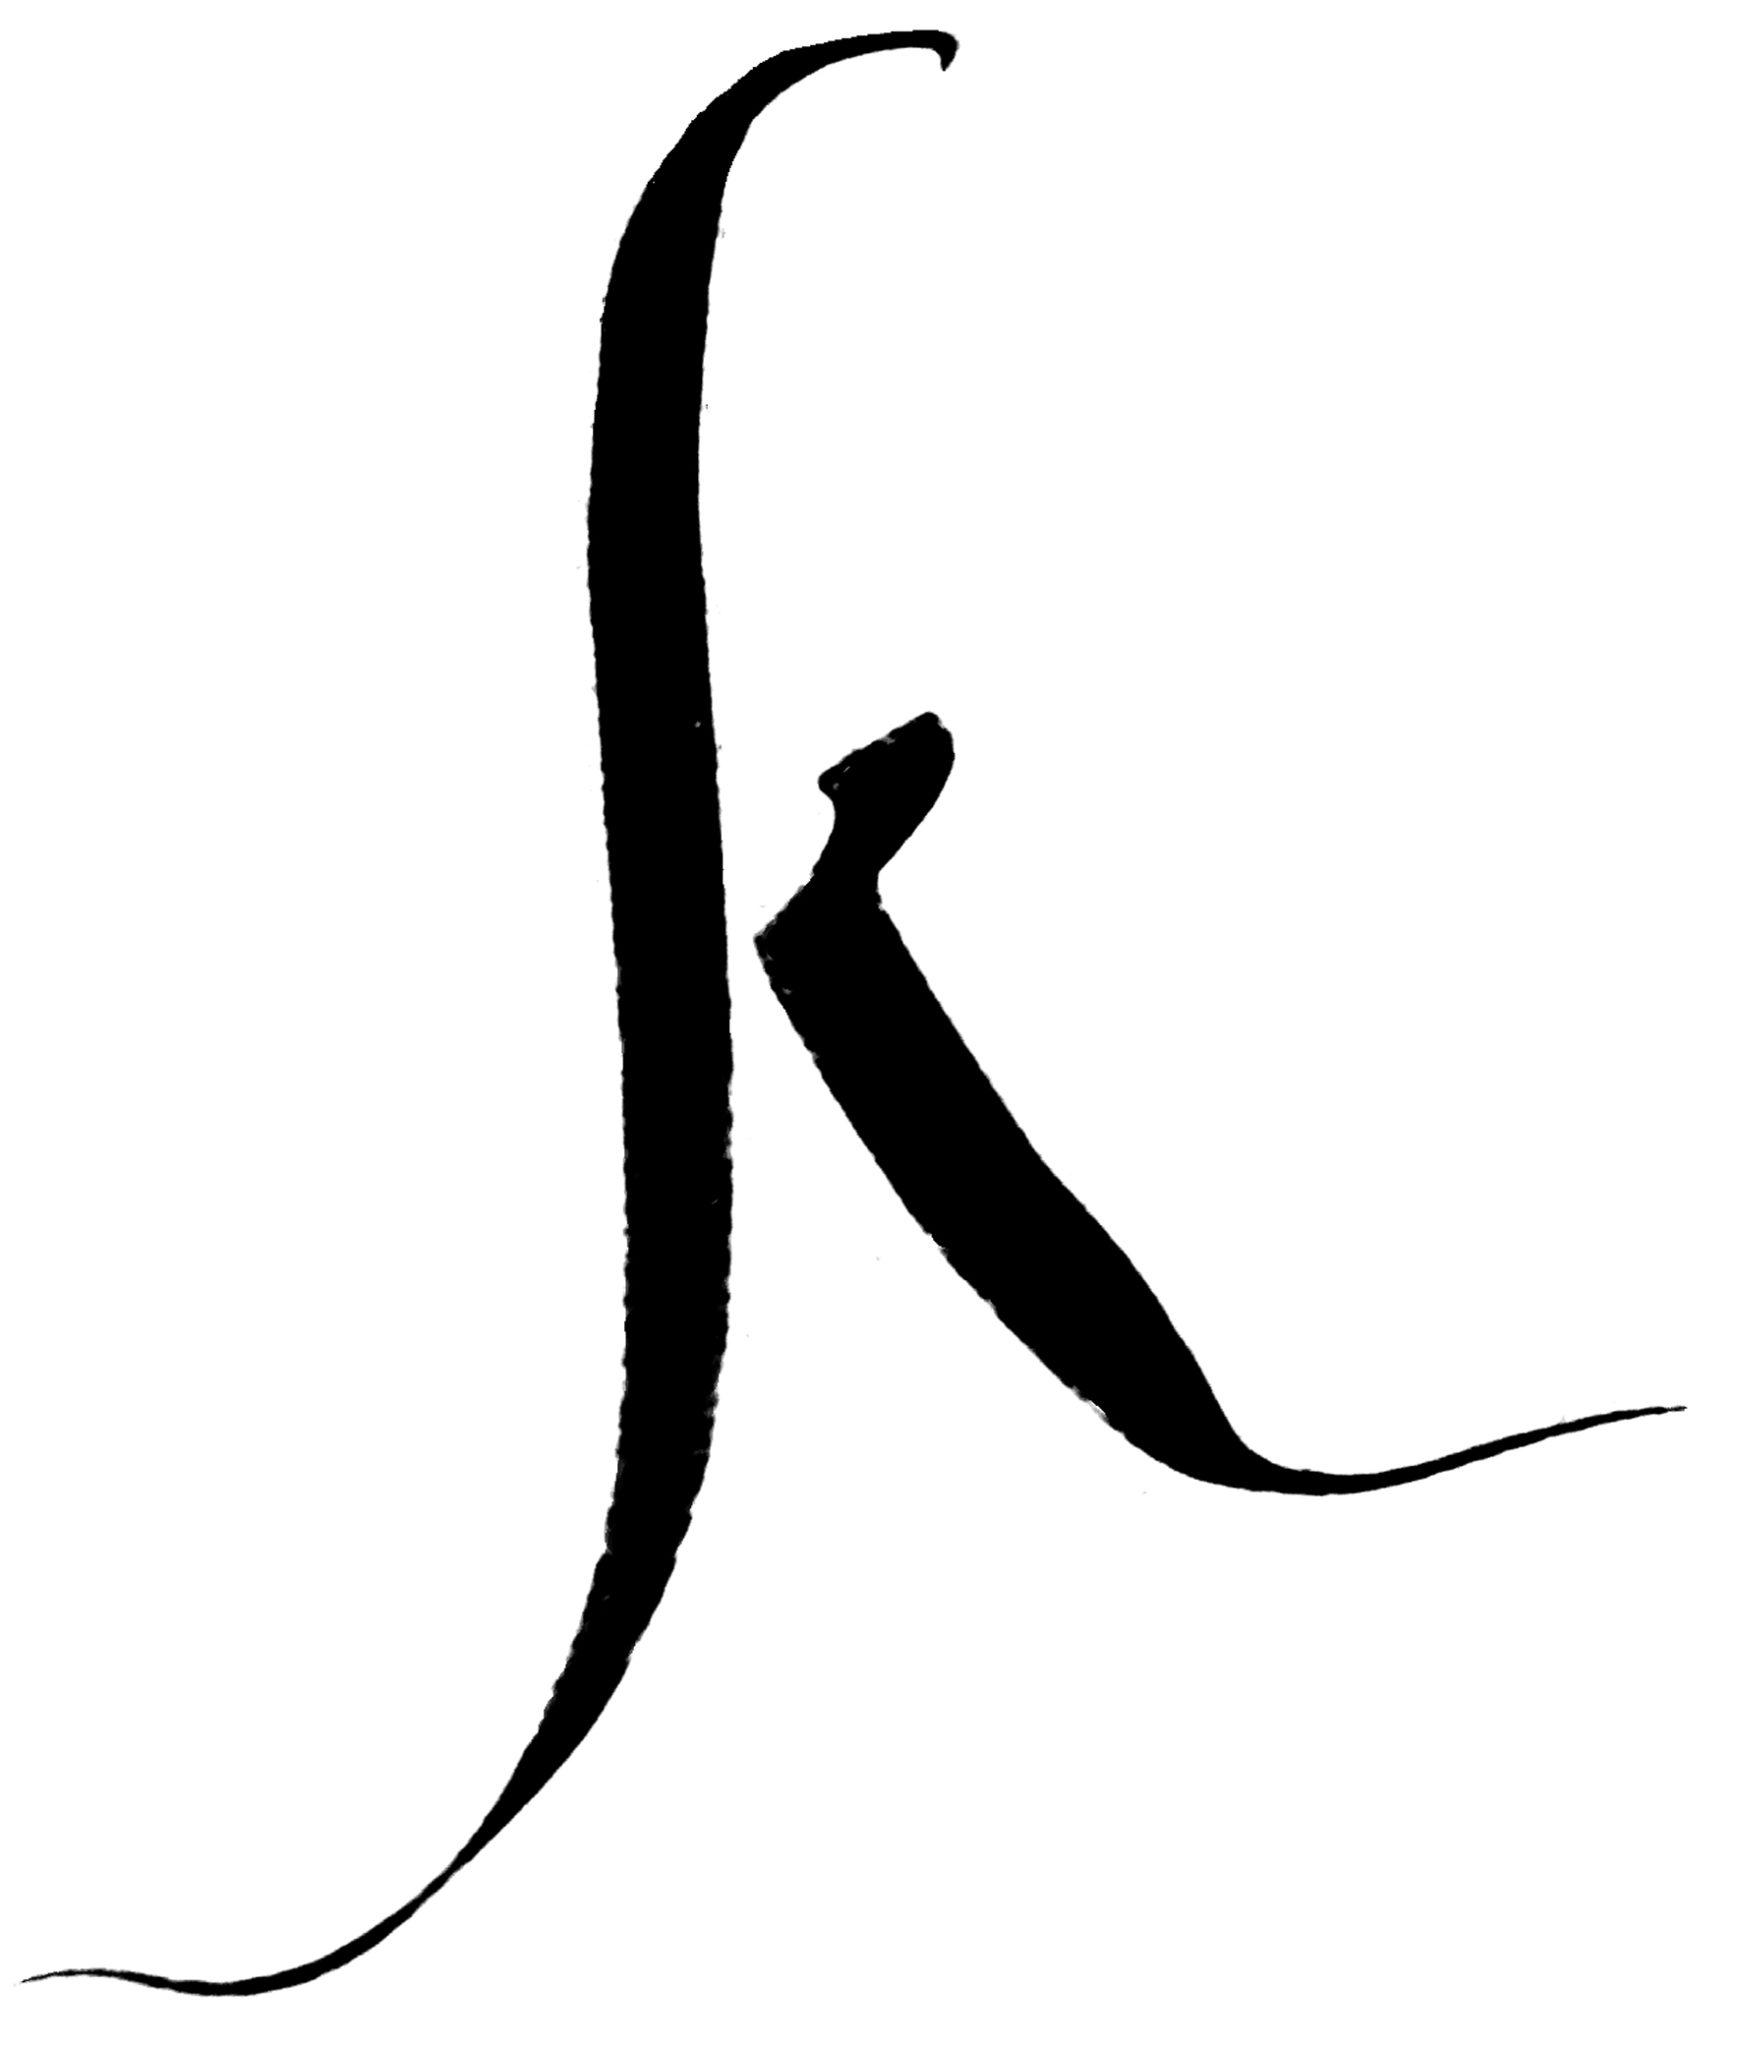 iniziale calligrafica